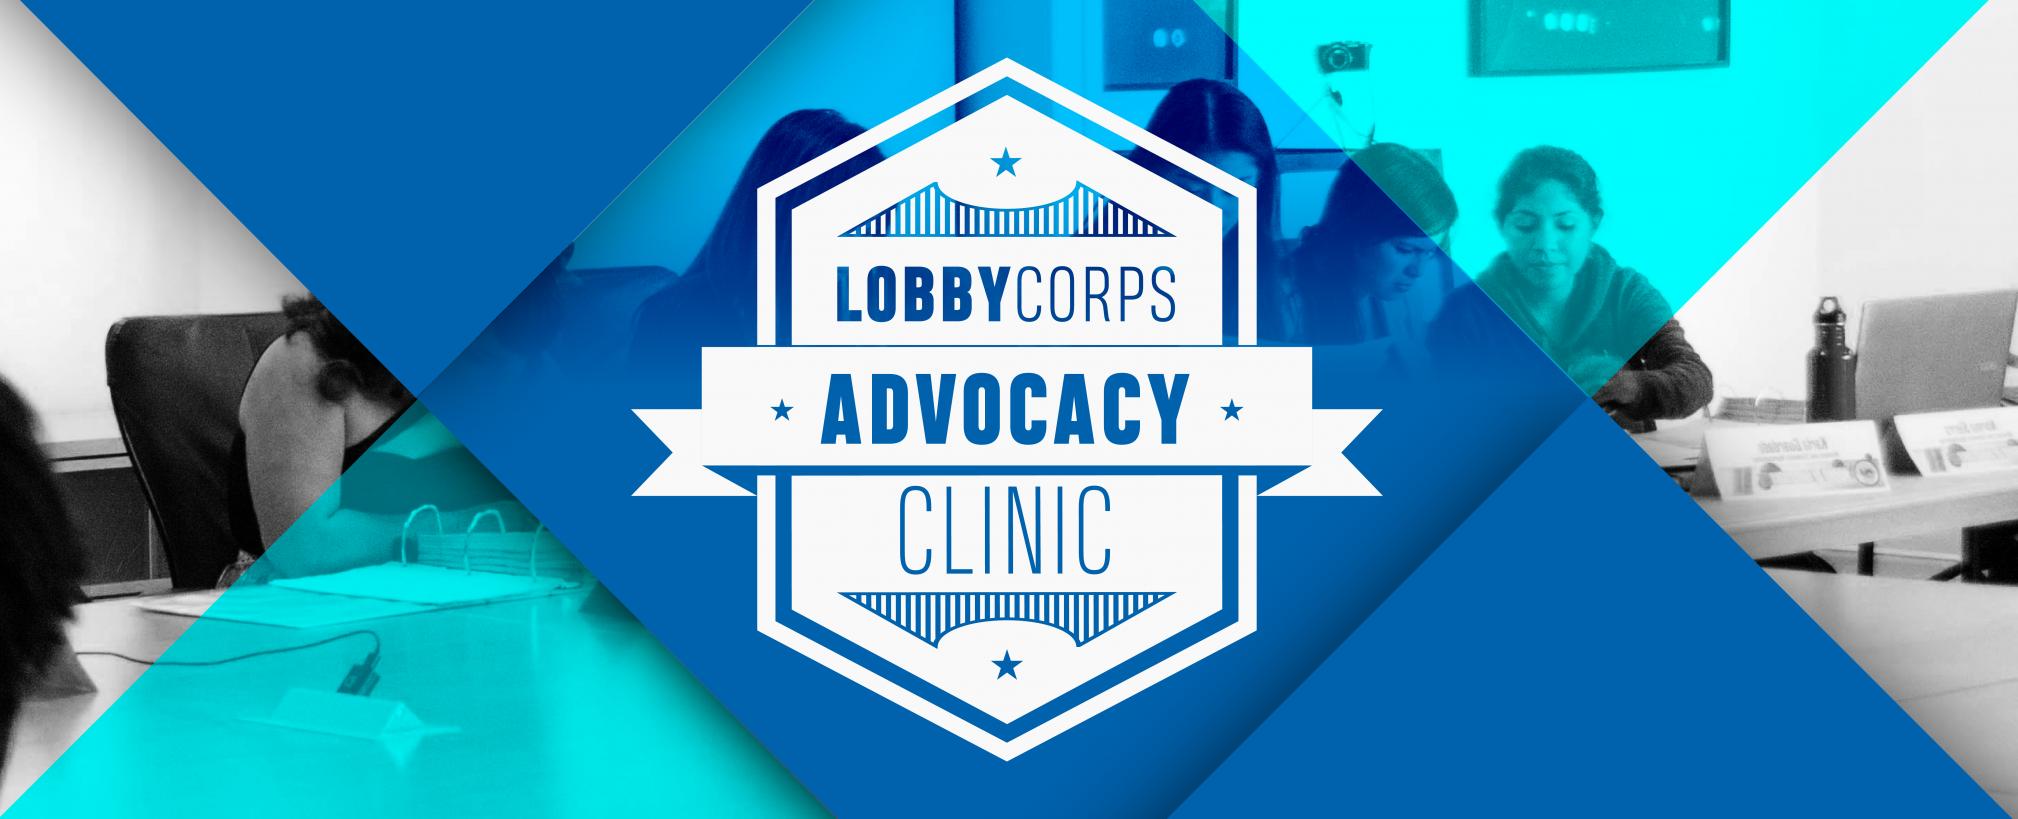 Lobby Corps Clinic